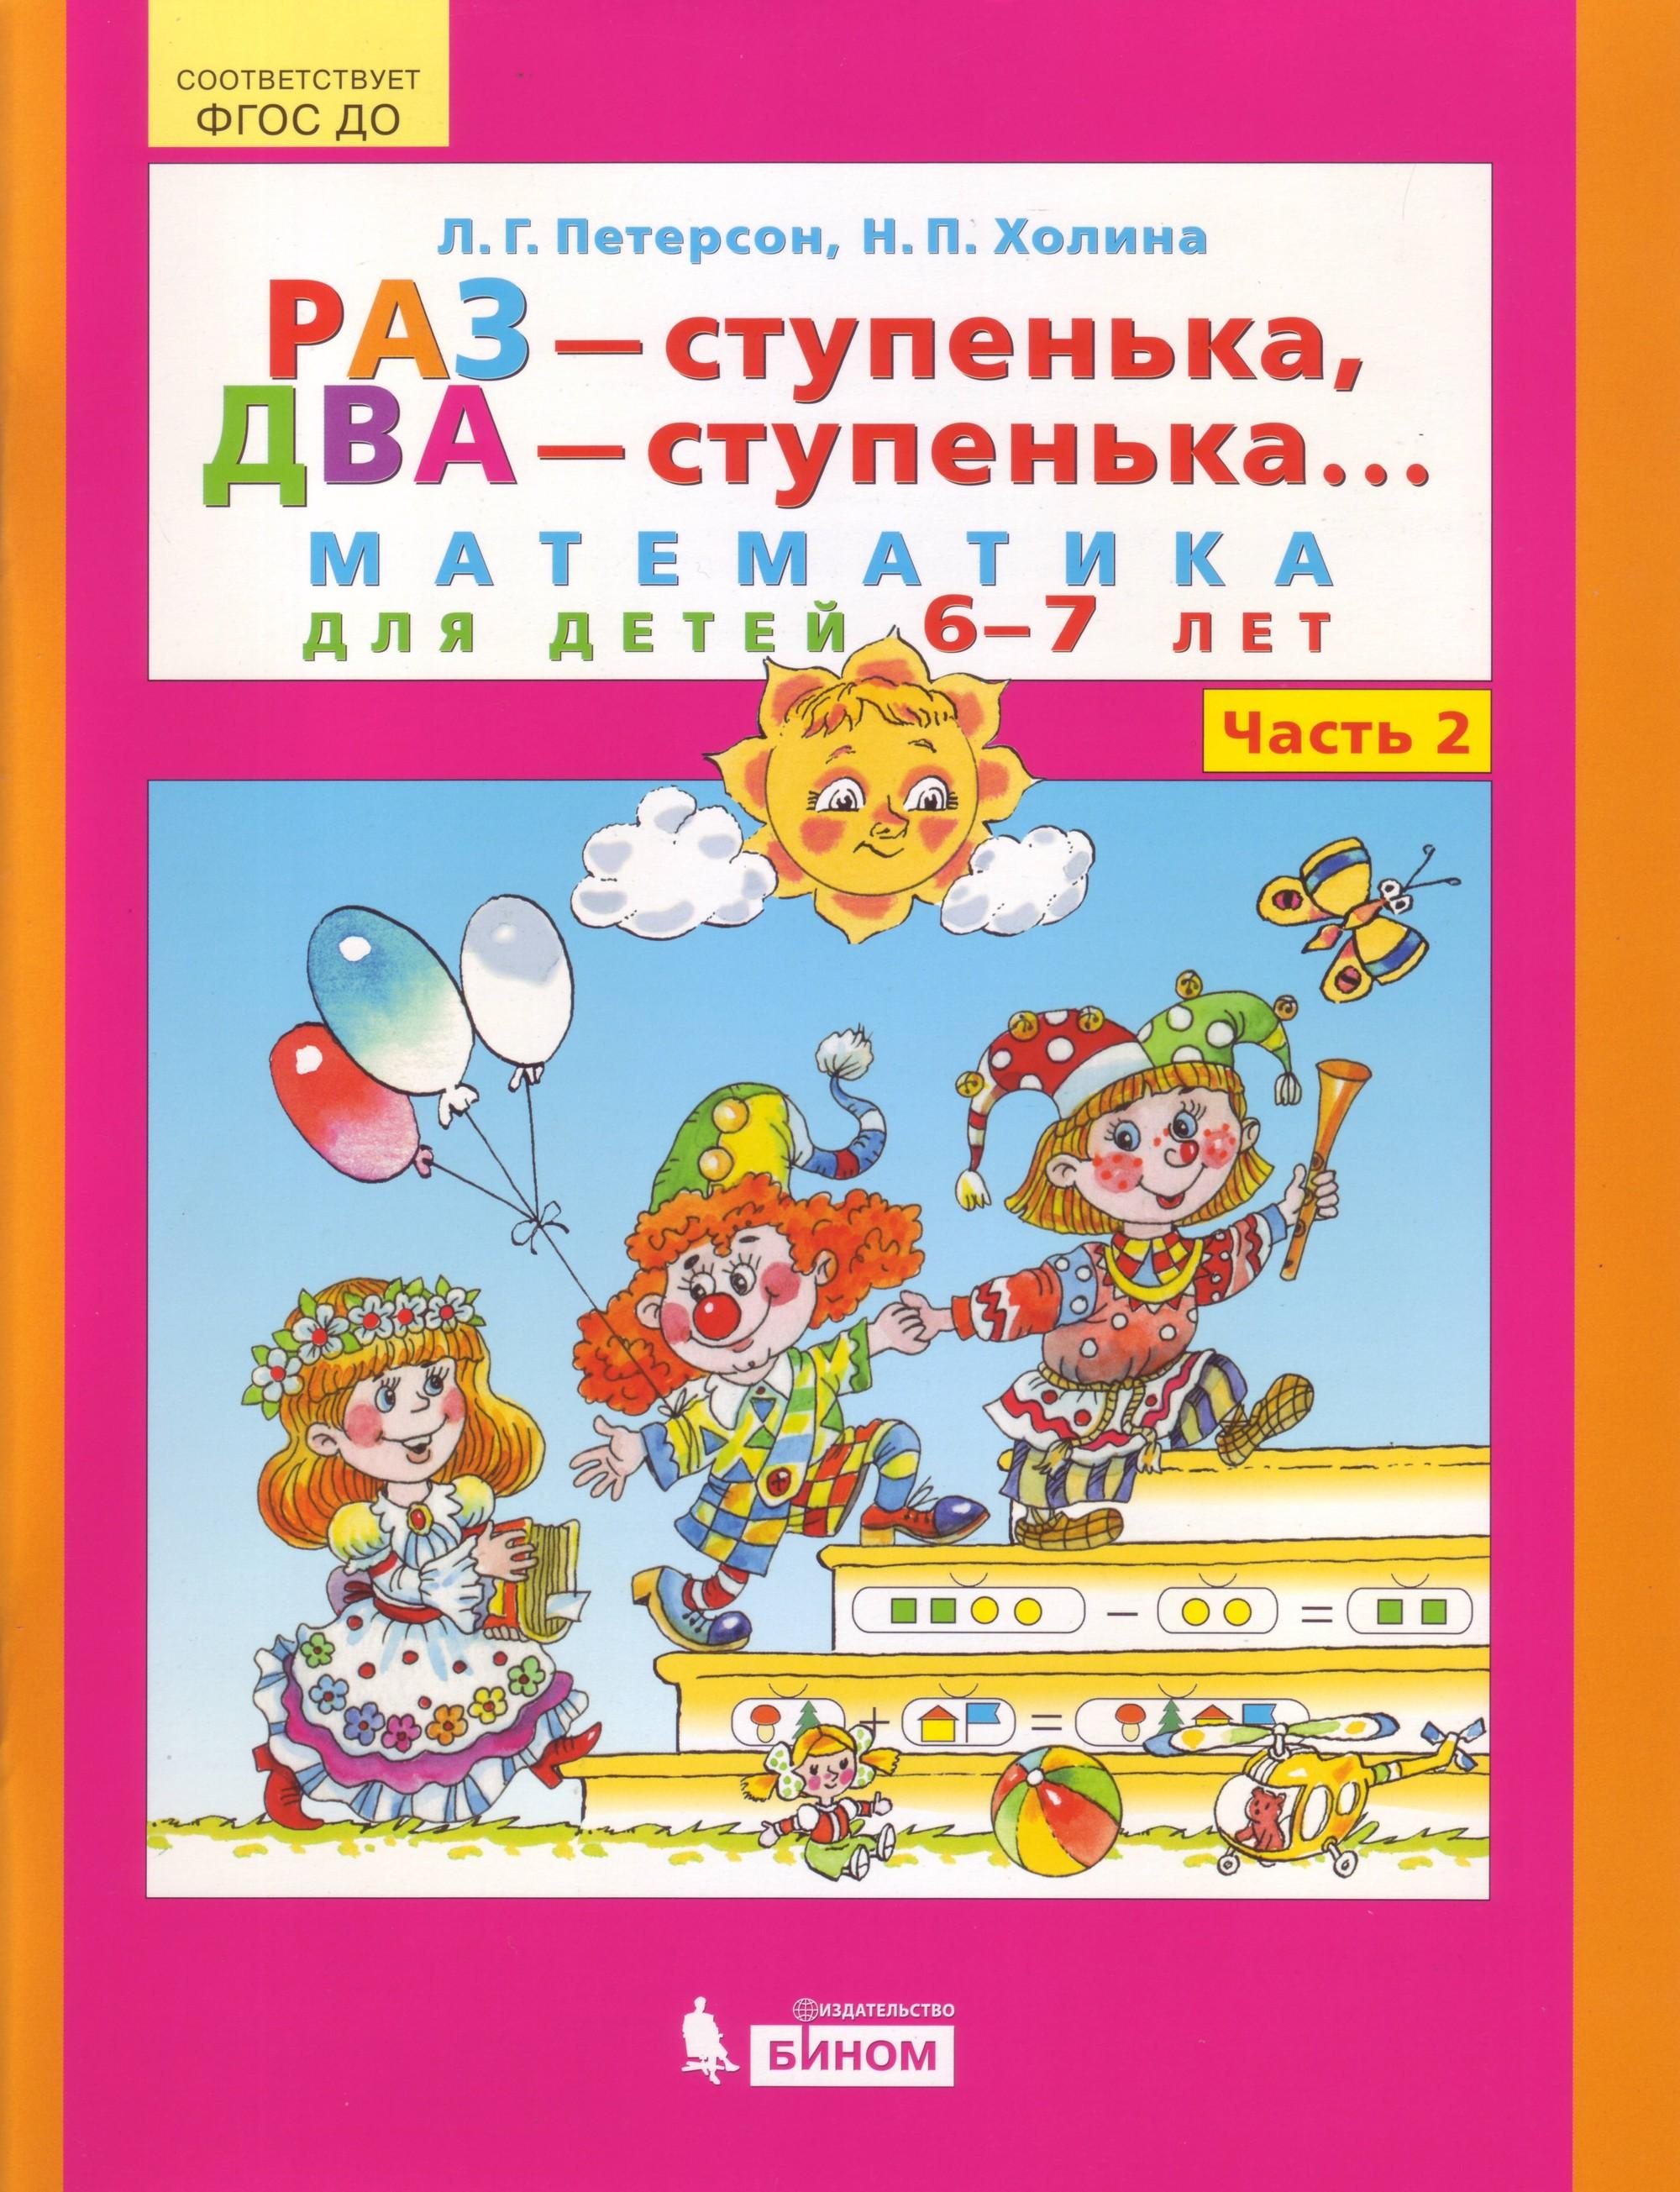 Раз-Ступенька, Два Ступенька Математика для Дошкольников 6-7 лет фото